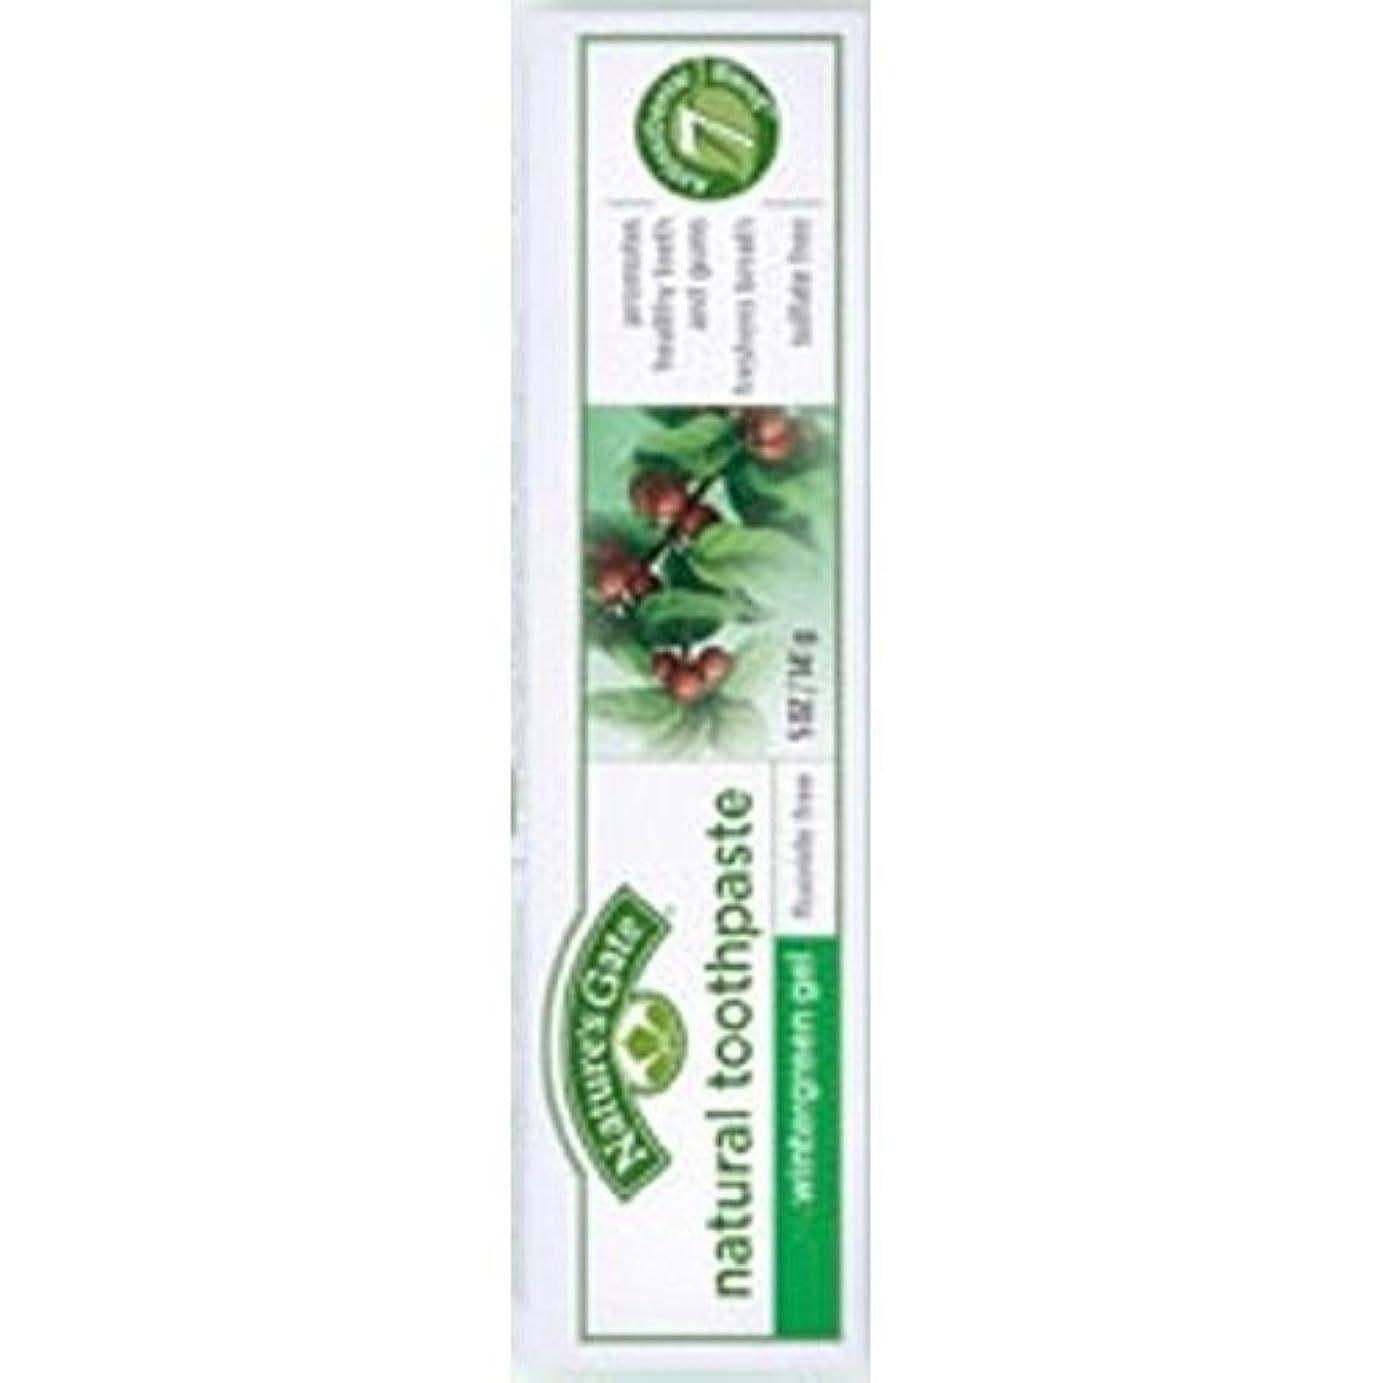 札入れパスタ発疹Nature's Gate Natural Toothpaste Gel Flouride Free Wintergreen - 5 oz - Case of 6 by Nature's Gate [並行輸入品]